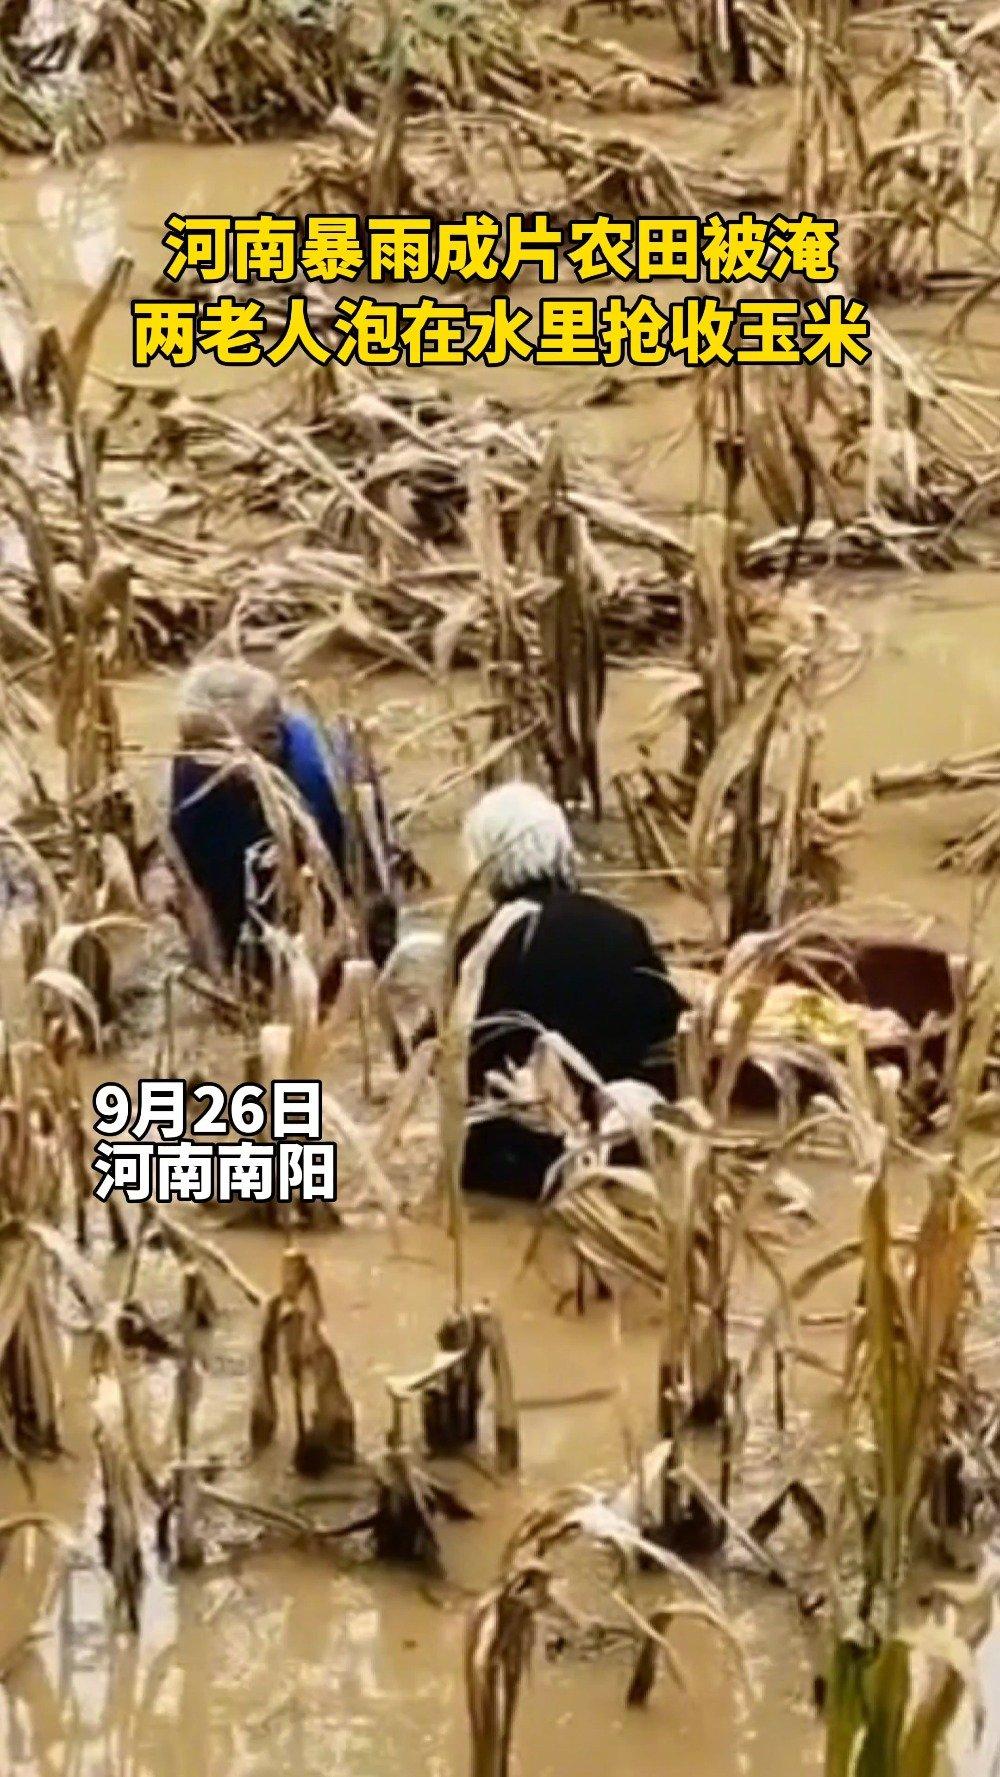 粮食来之不易!两位老人1米深积水中抢收玉米